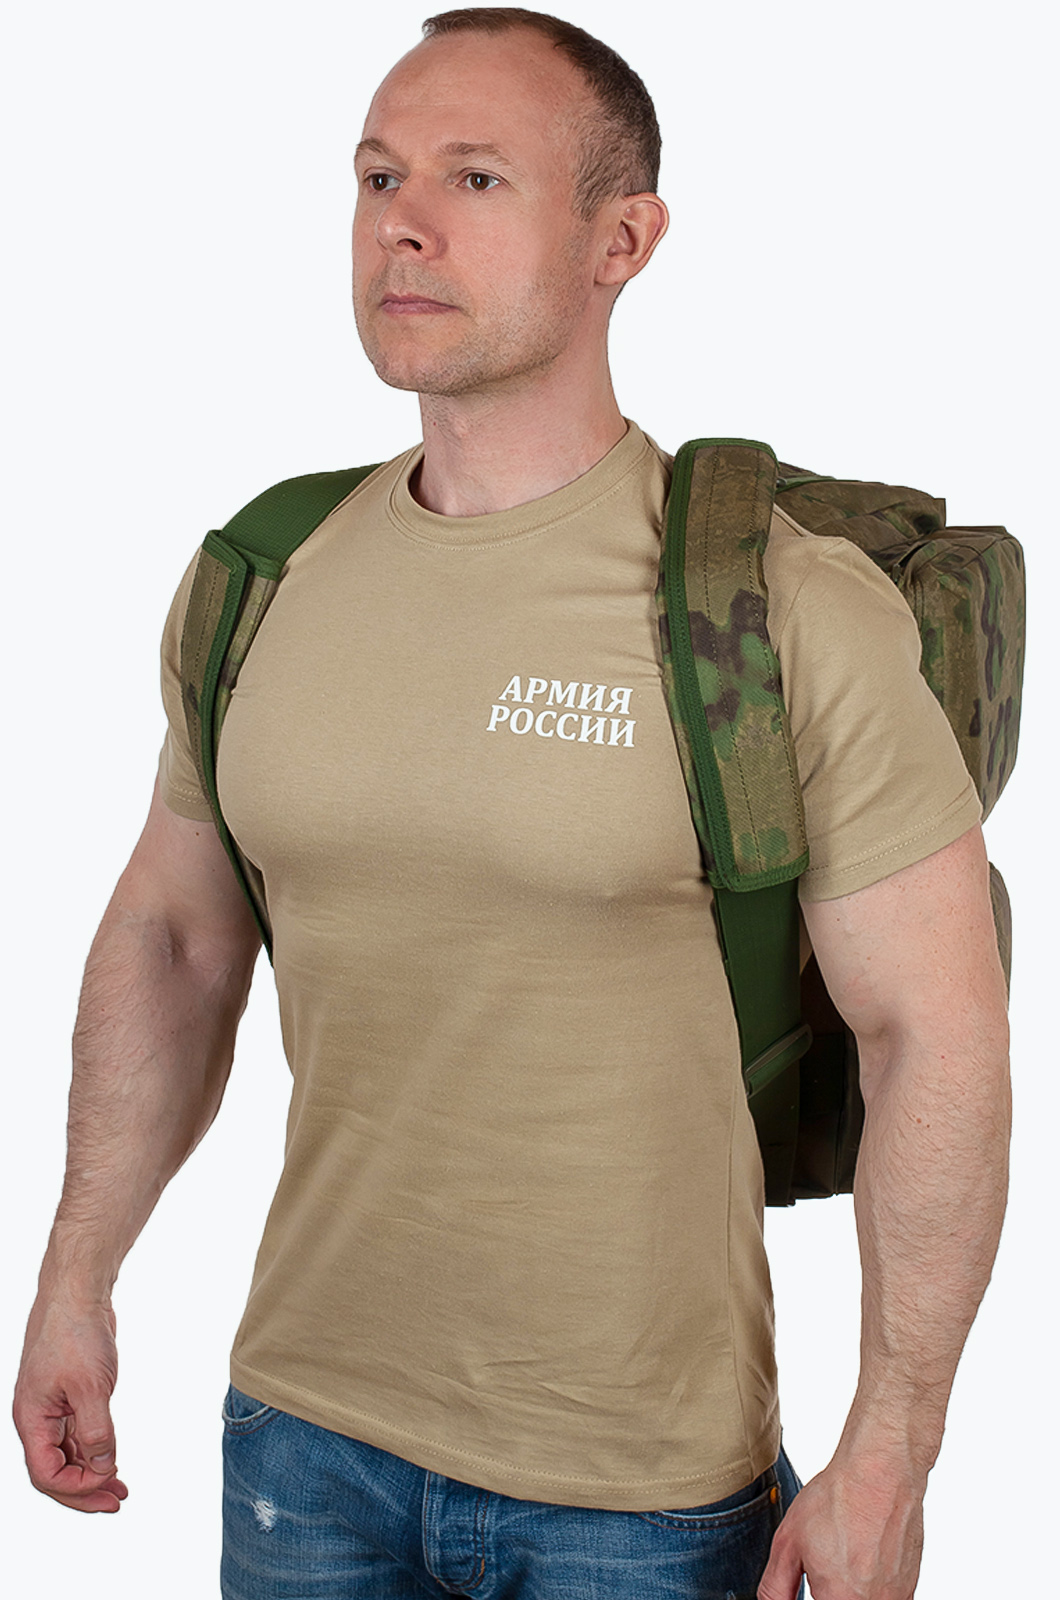 Походная полевая сумка с эмблемой Охотничьих войск купить выгодно